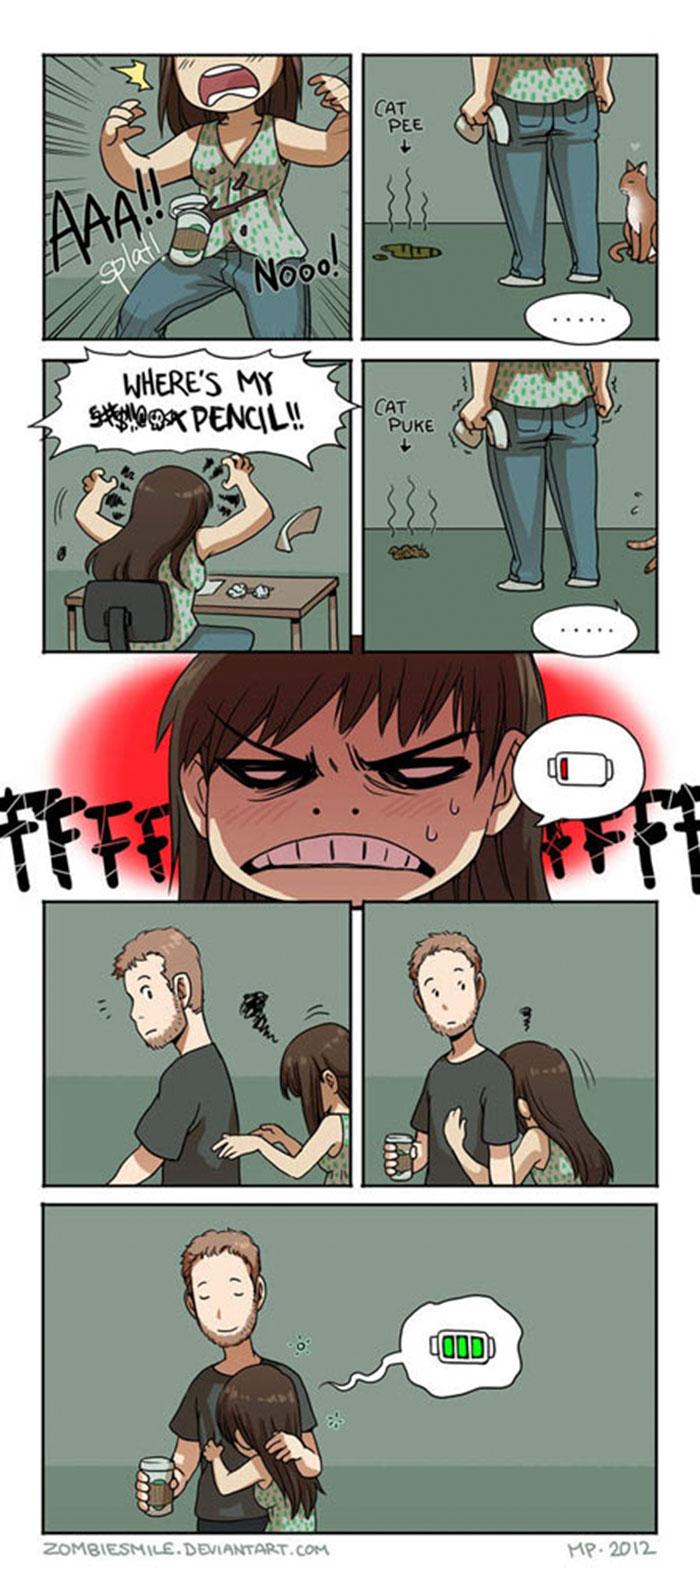 funny-relationship-comics-11